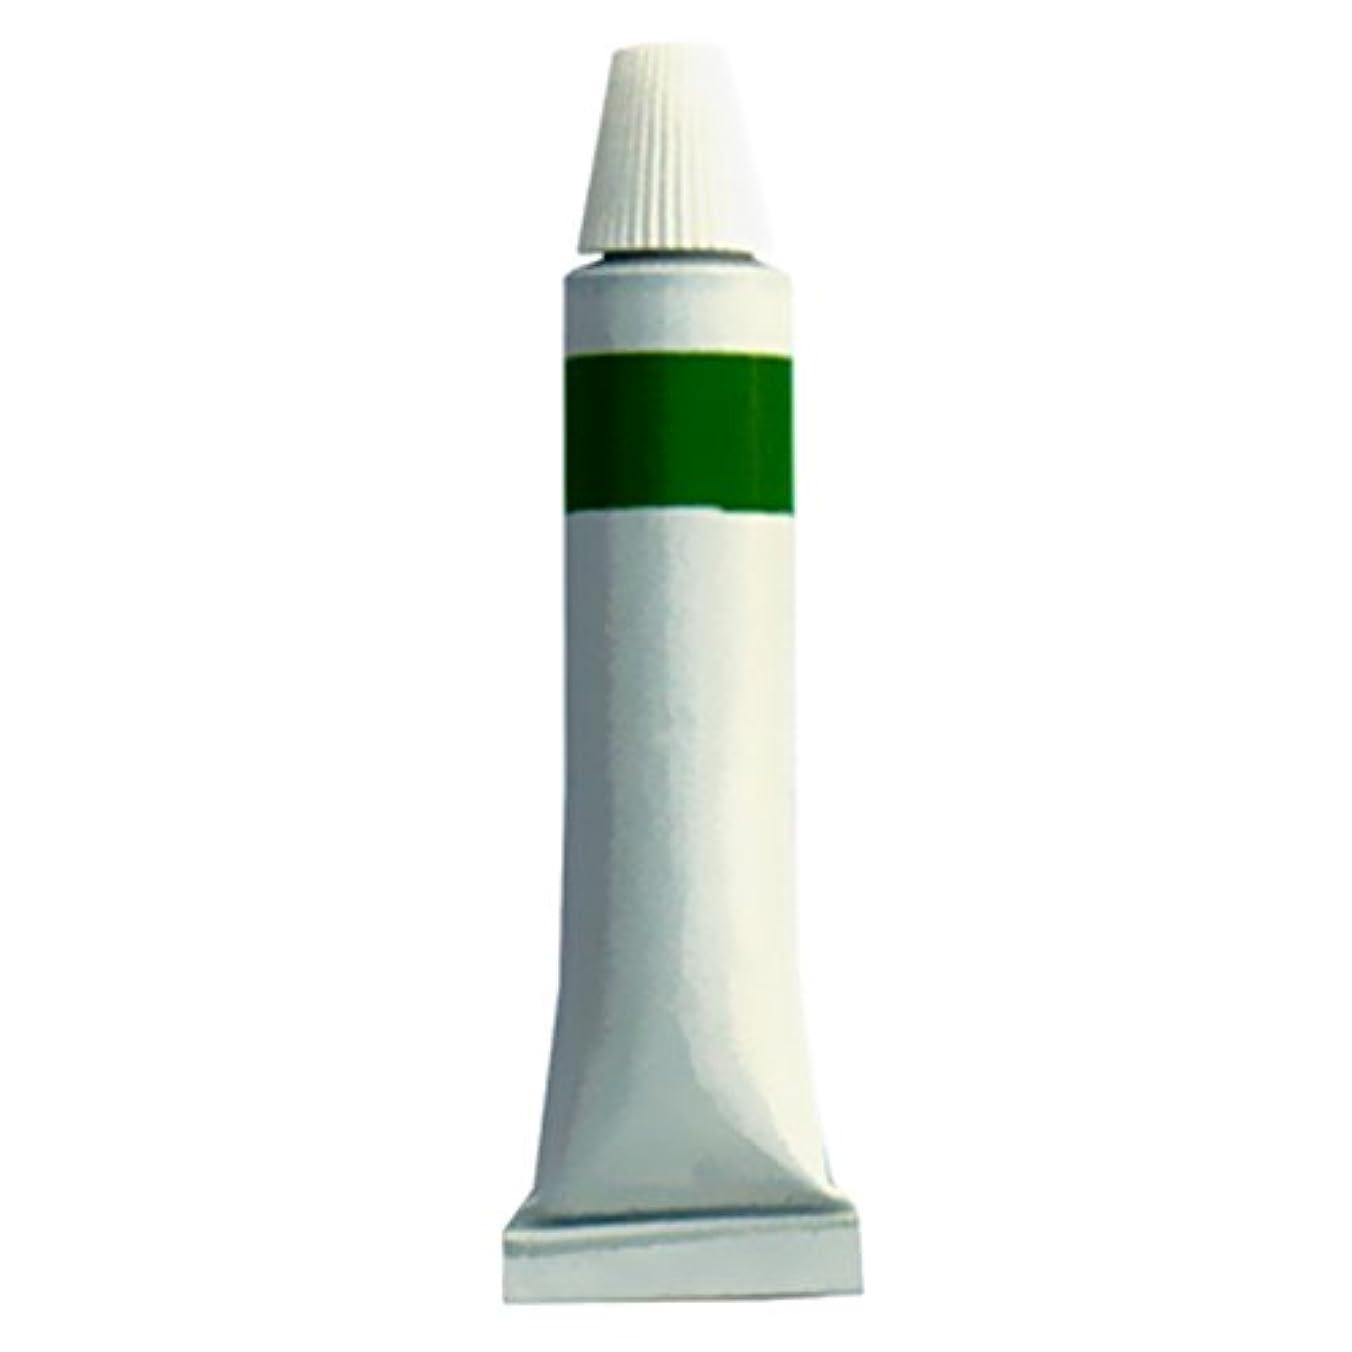 写真を描くアソシエイト報復するRAZOLUTION Sharpening grease green, for strops, with high emery-content